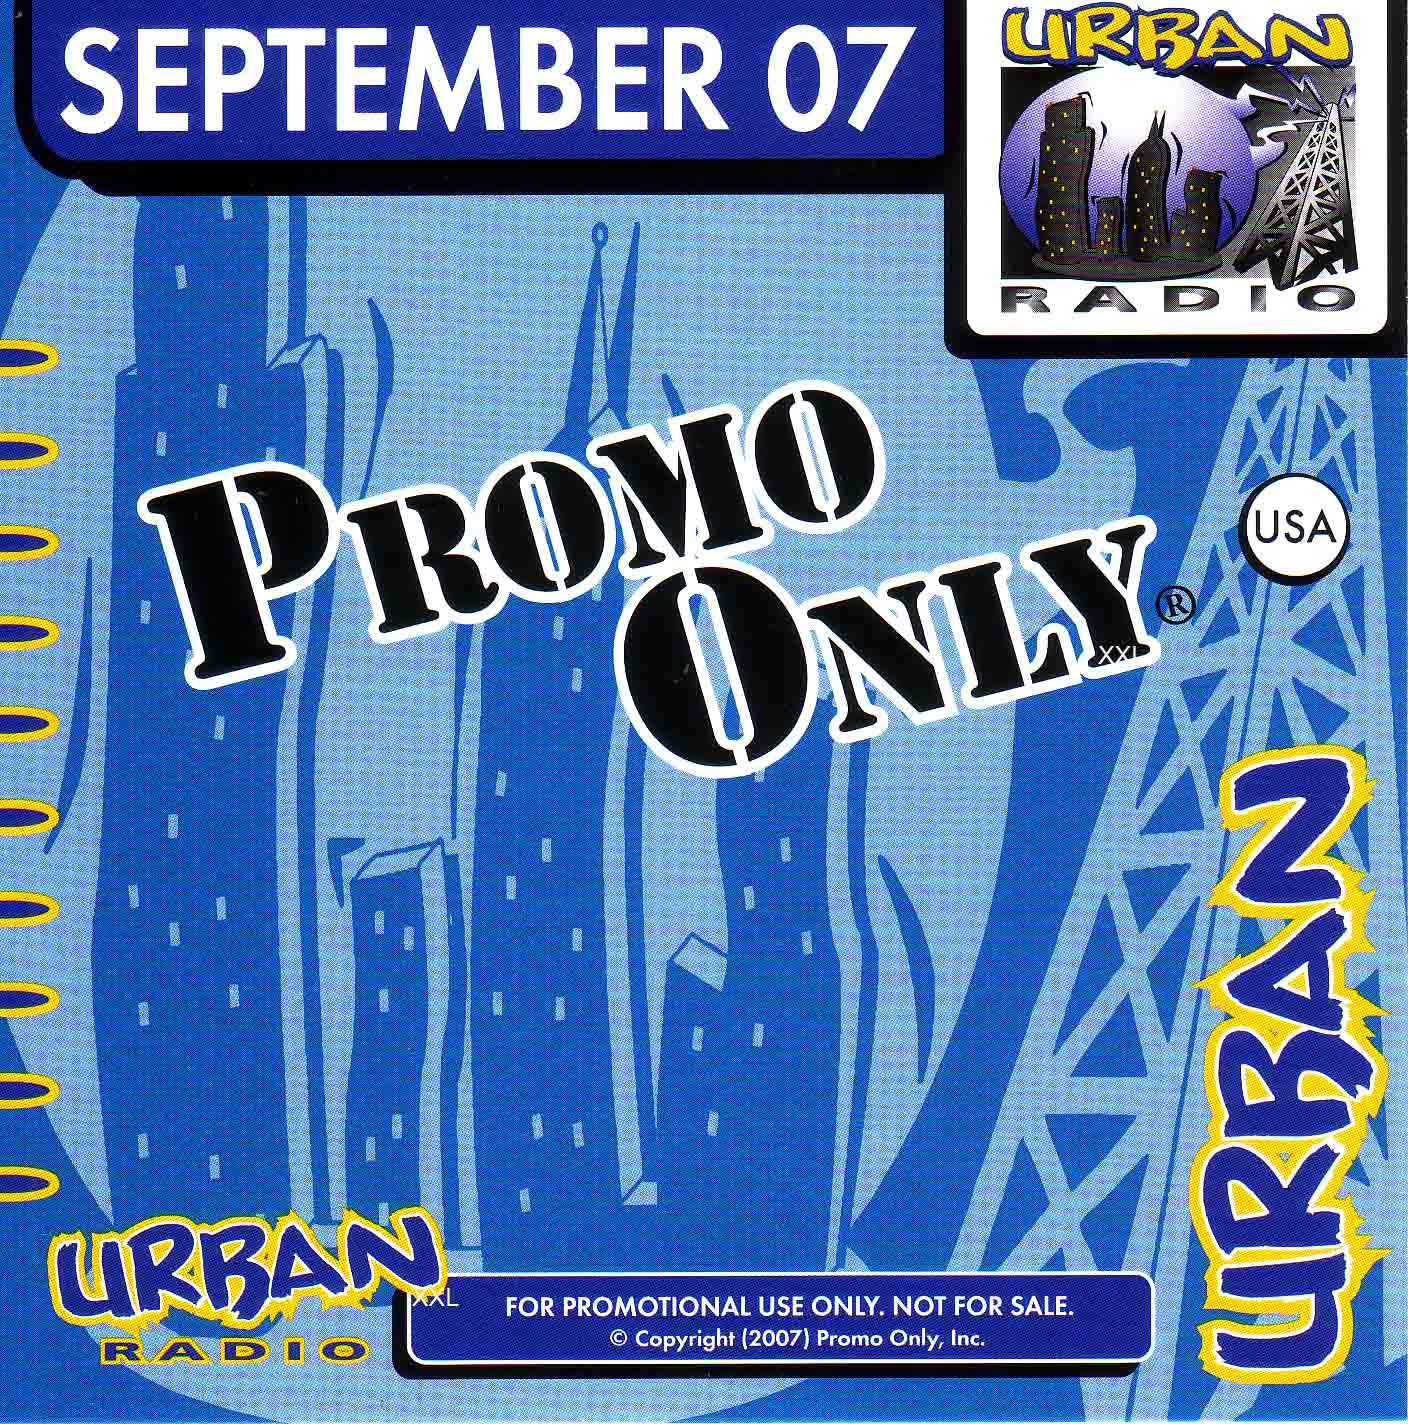 Internet gambling september 2007 battle of the badges pechanga casino